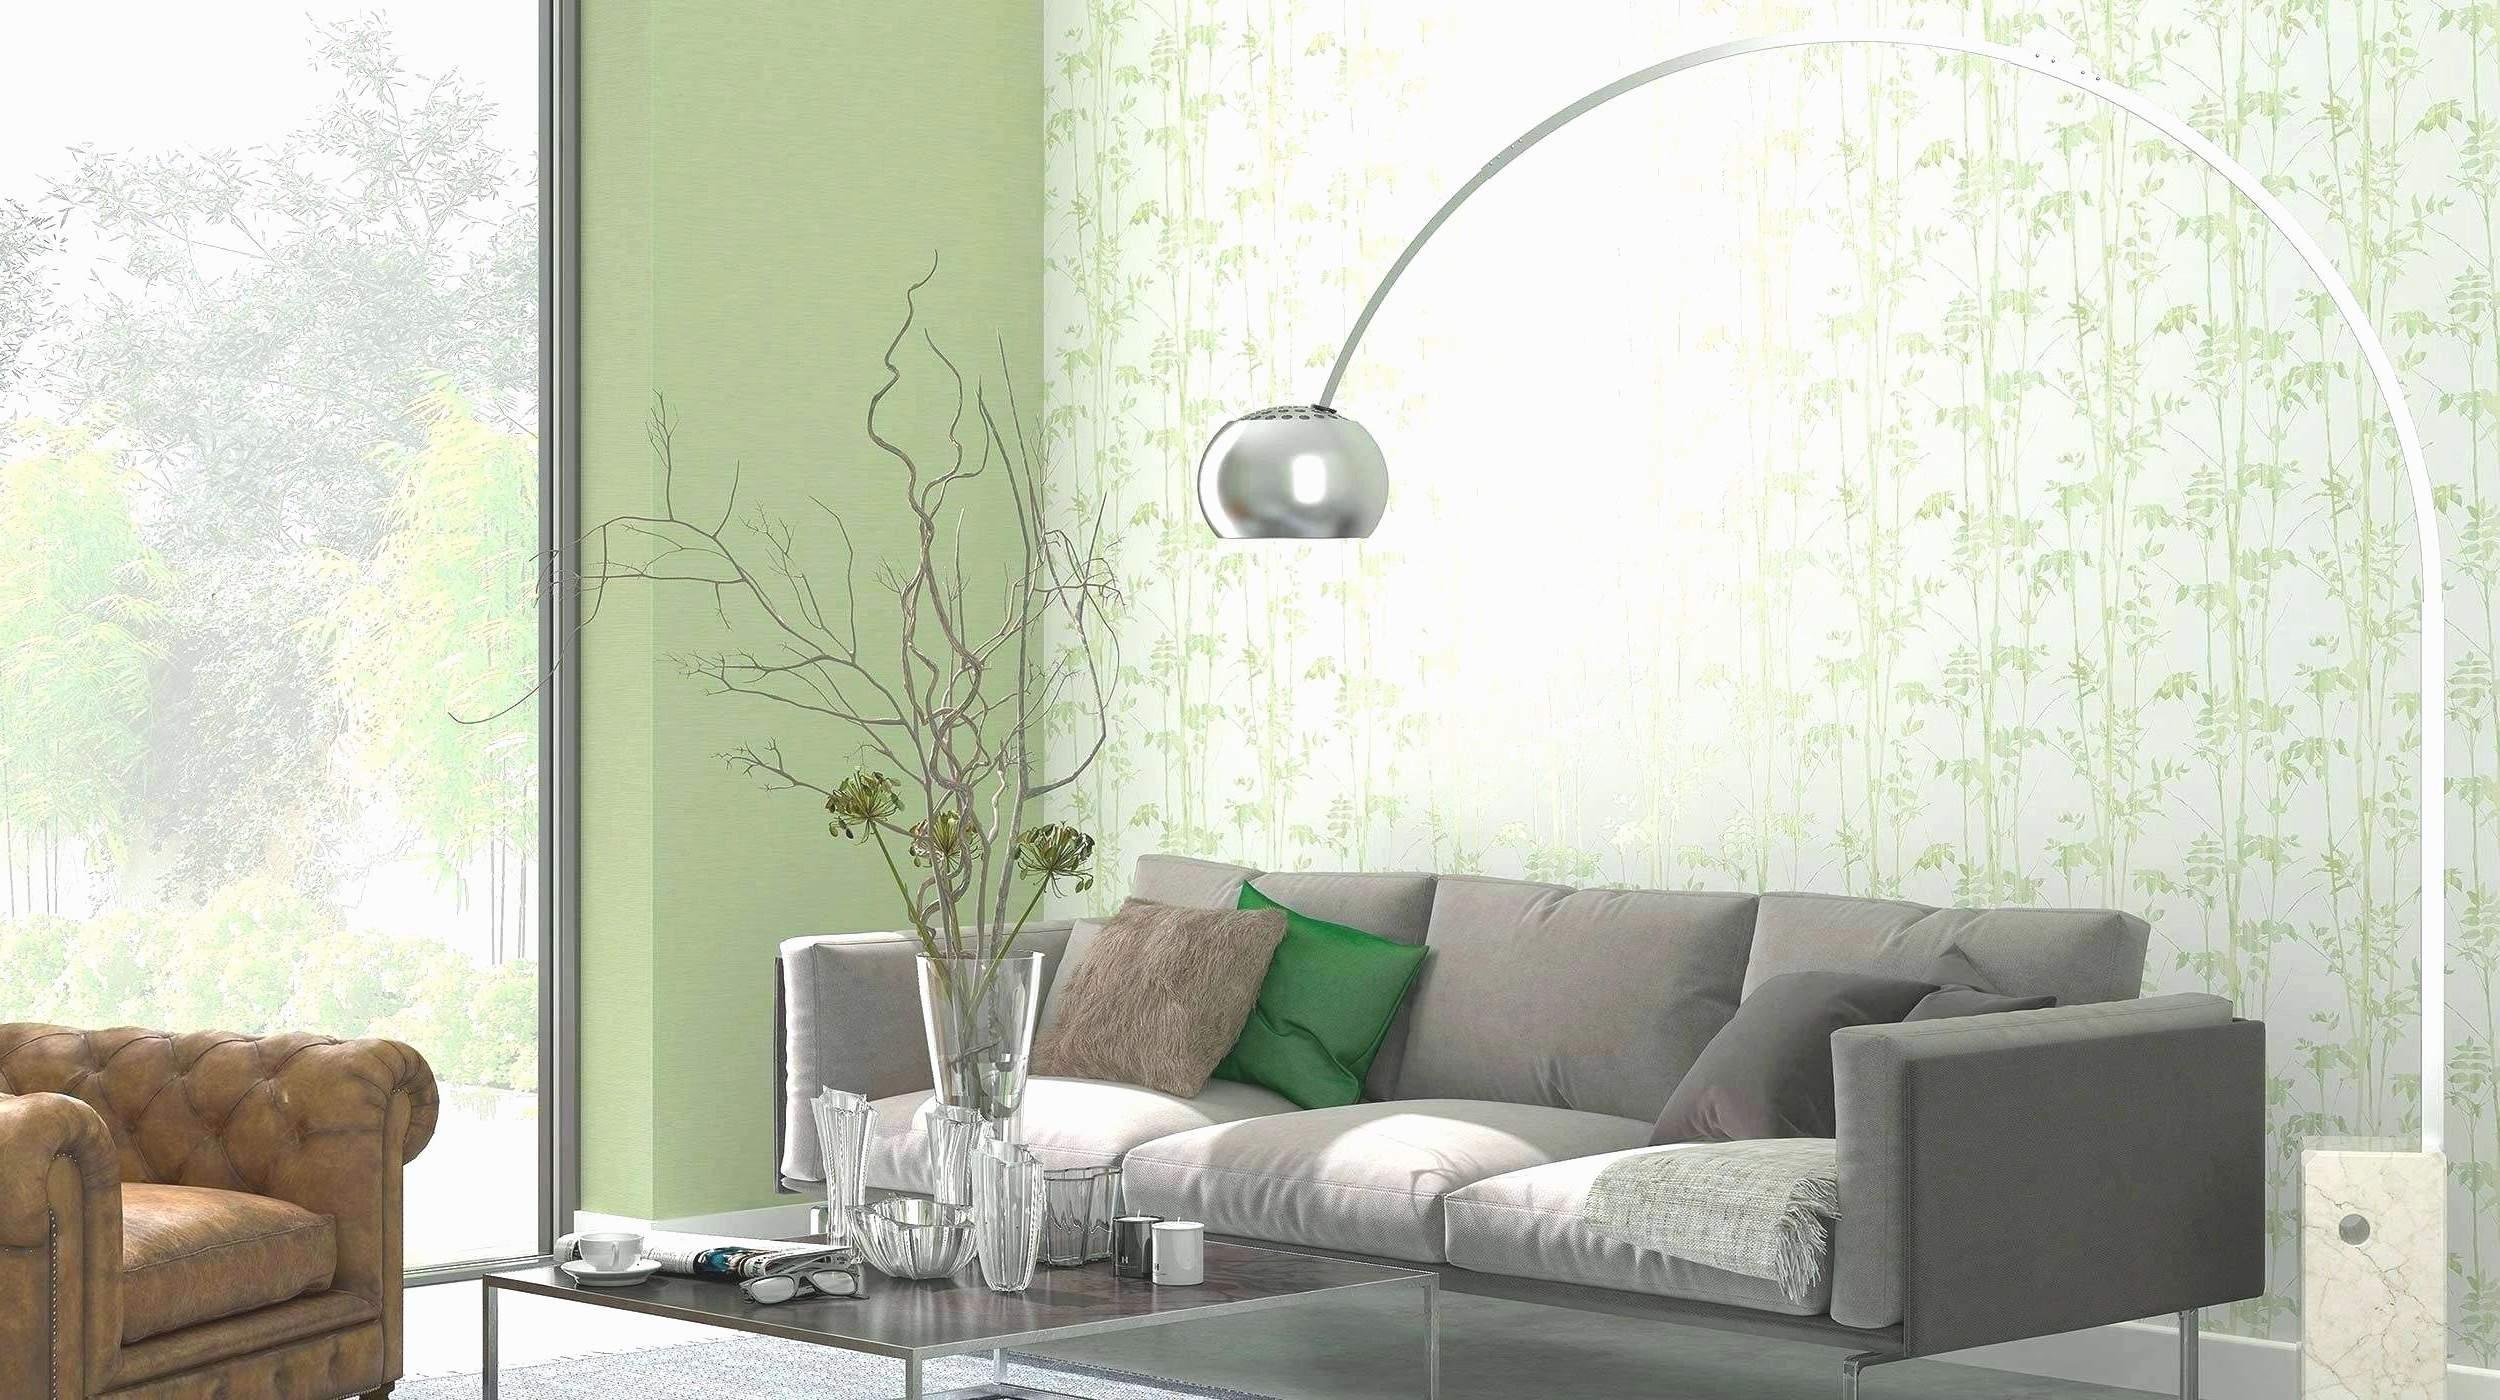 wanddeko wohnzimmer metall frisch wanddeko ideen wohnzimmer design sie mussen sehen of wanddeko wohnzimmer metall